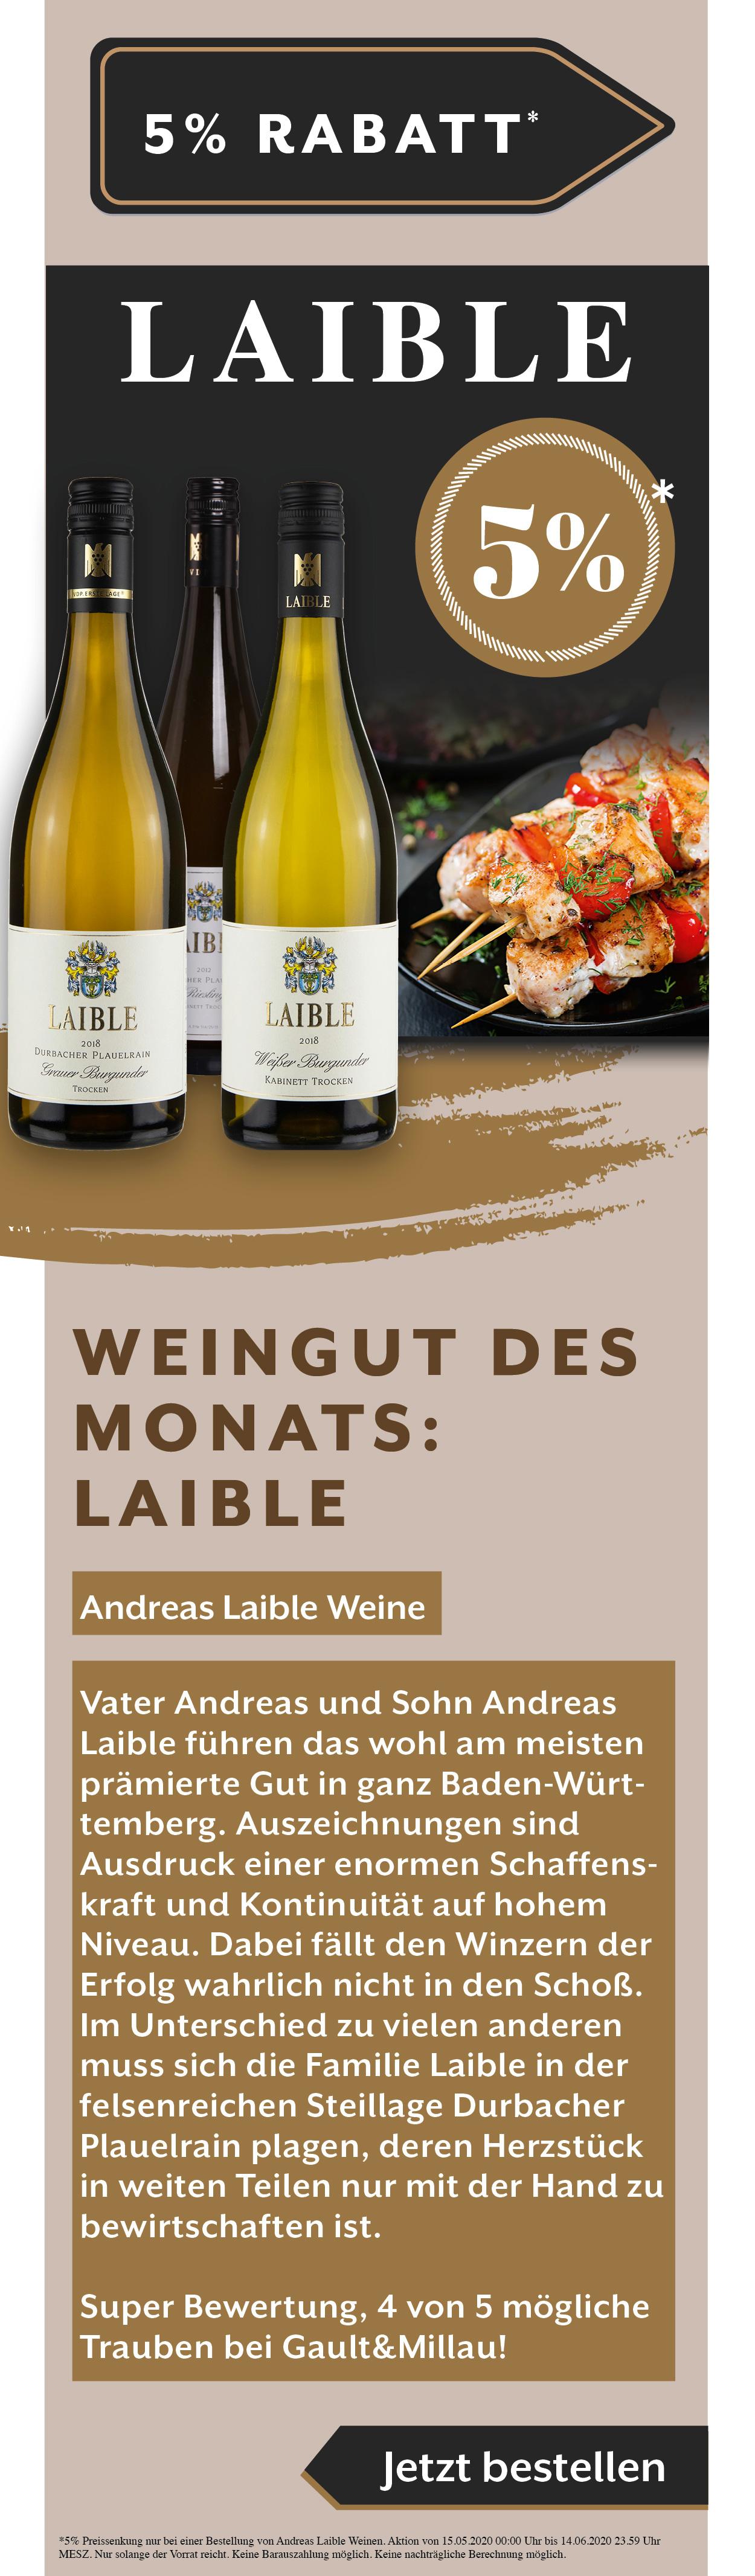 Andreas Laible Weine Weißwein Angebot